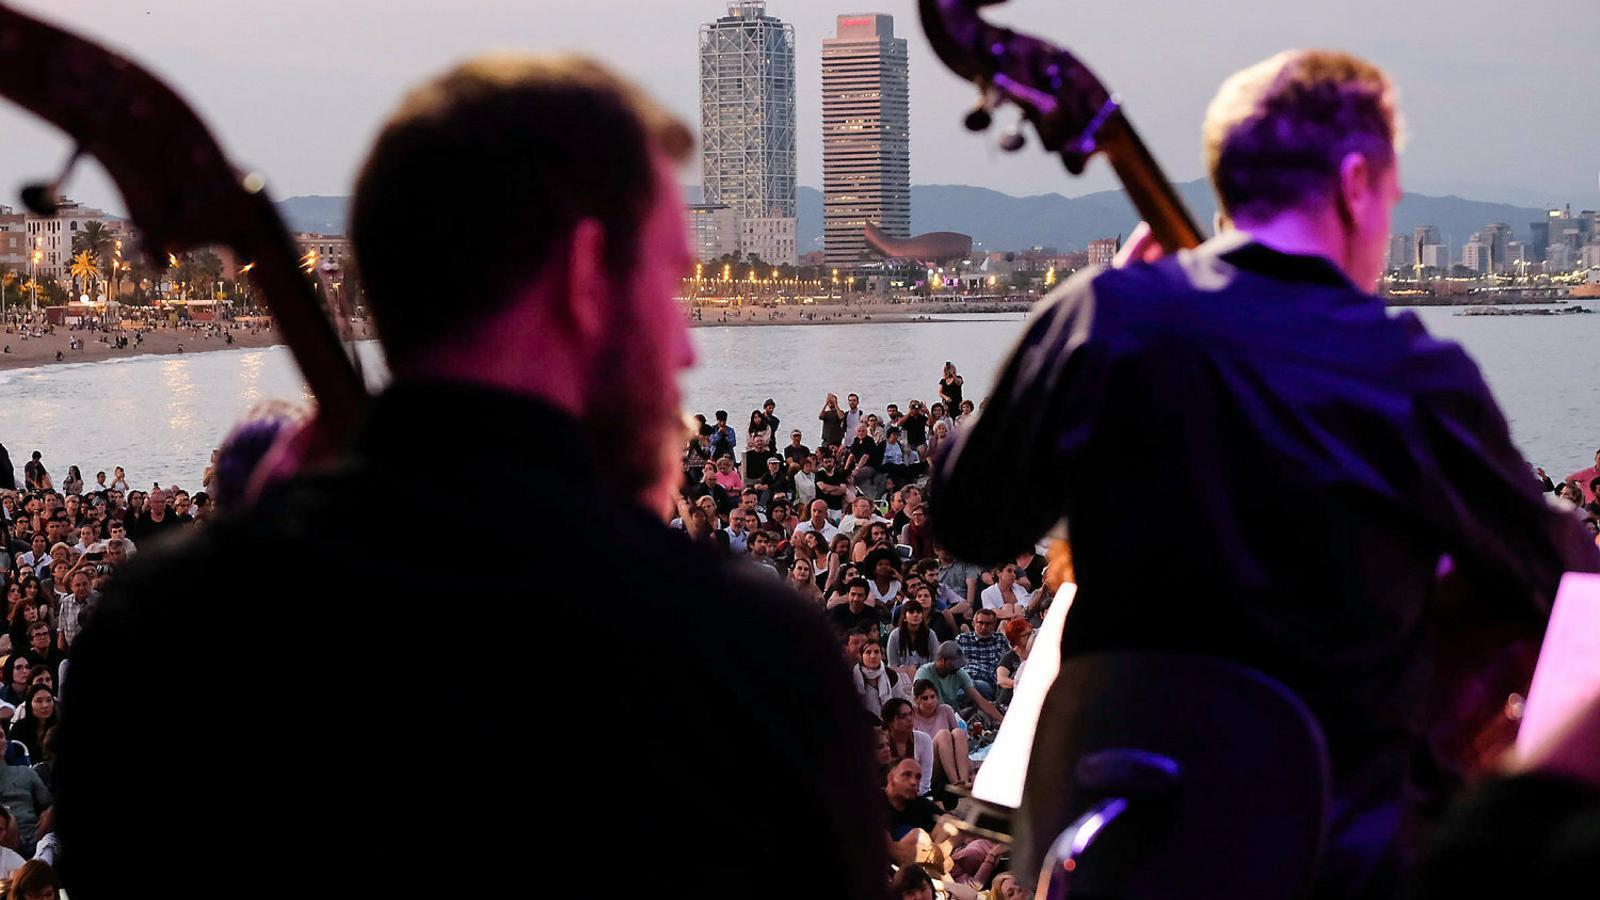 La música simfònica conquereix  la platja el Dia de la Música